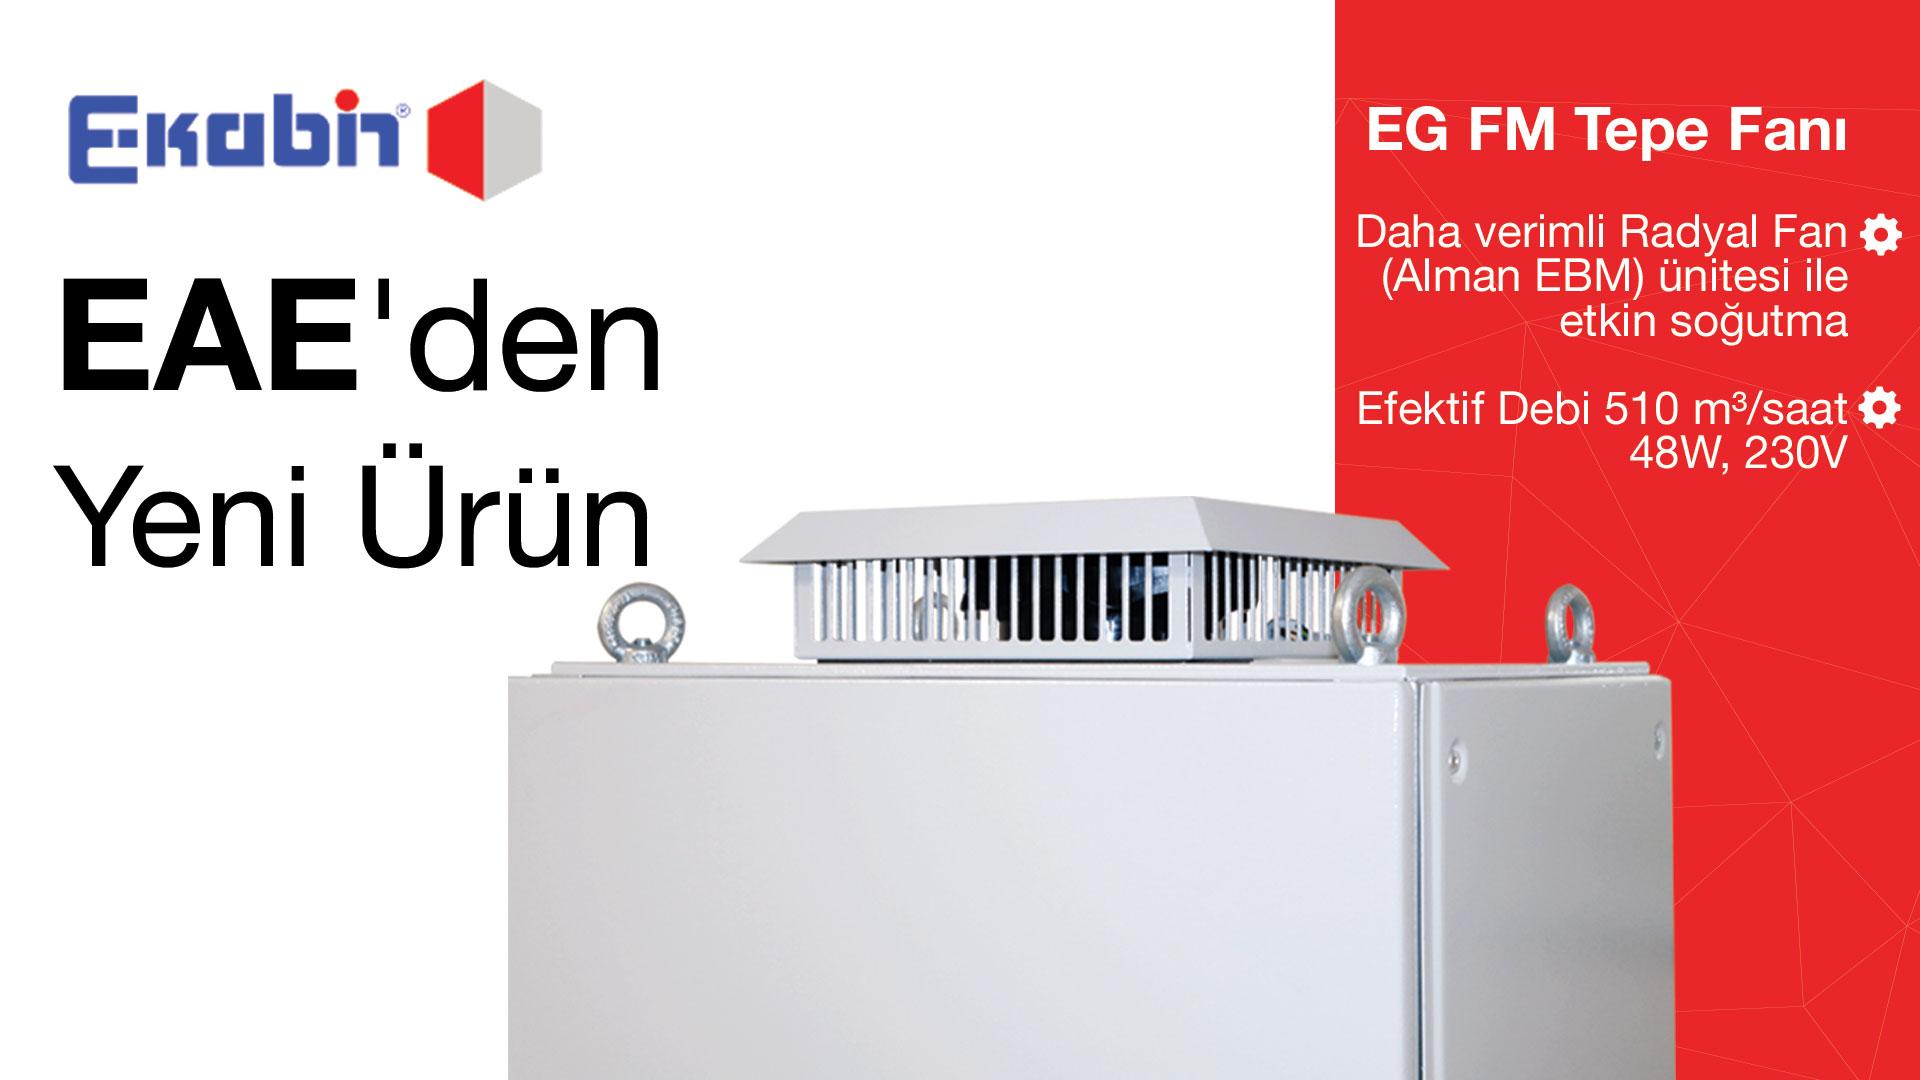 Yeni Ürün EG FM Tepe Fanı